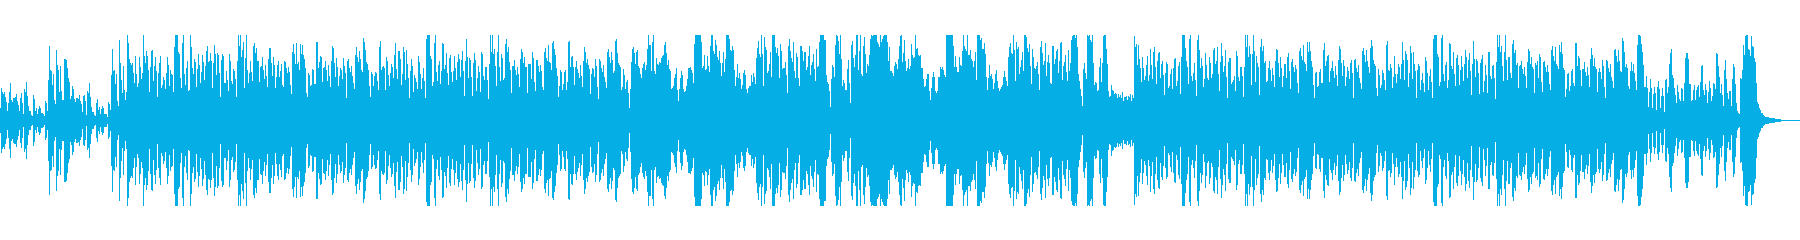 コミカルで愉快な映像向けオーケストラの再生済みの波形